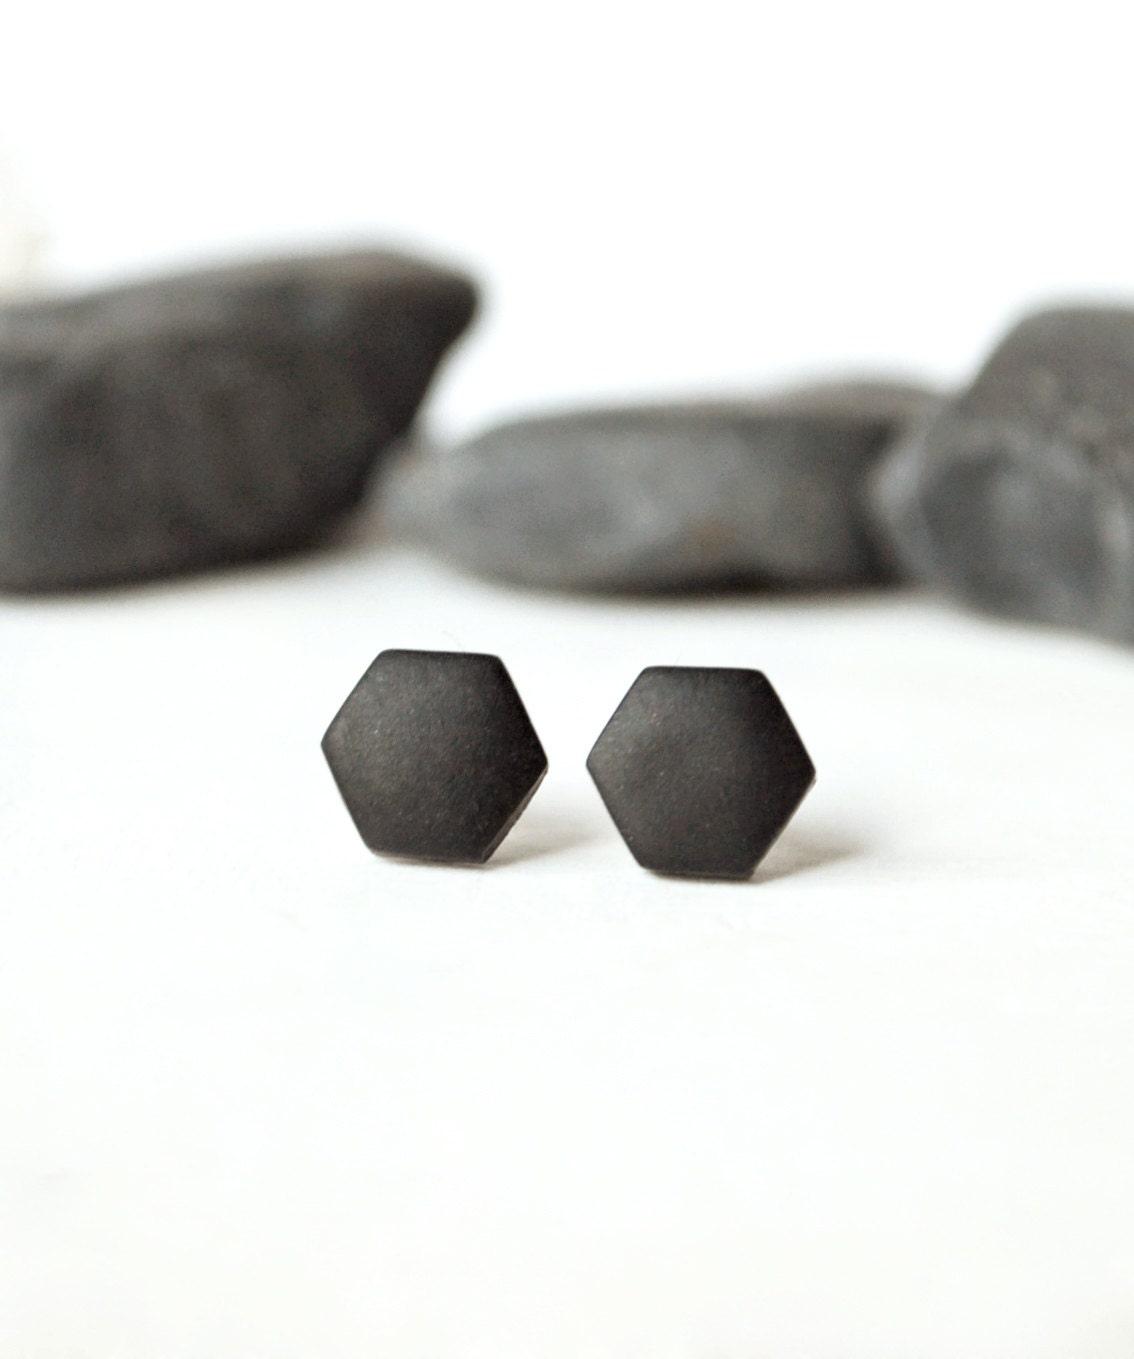 flat black earrings for men - photo #15